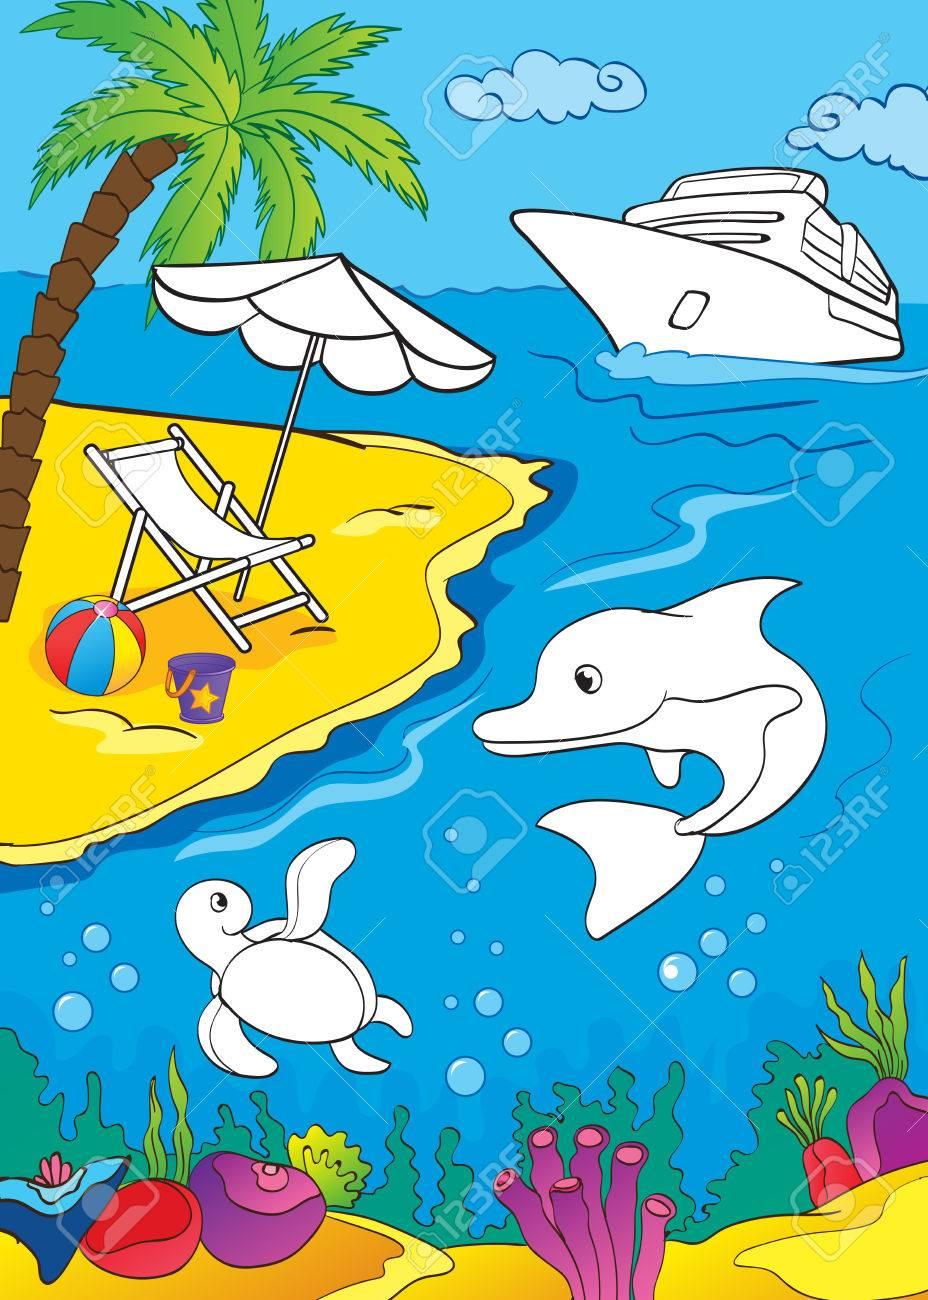 Ilustración Del Vector De La Costa Del Mar Y La Vida Marina De La Página Para Colorear Para Los Niños